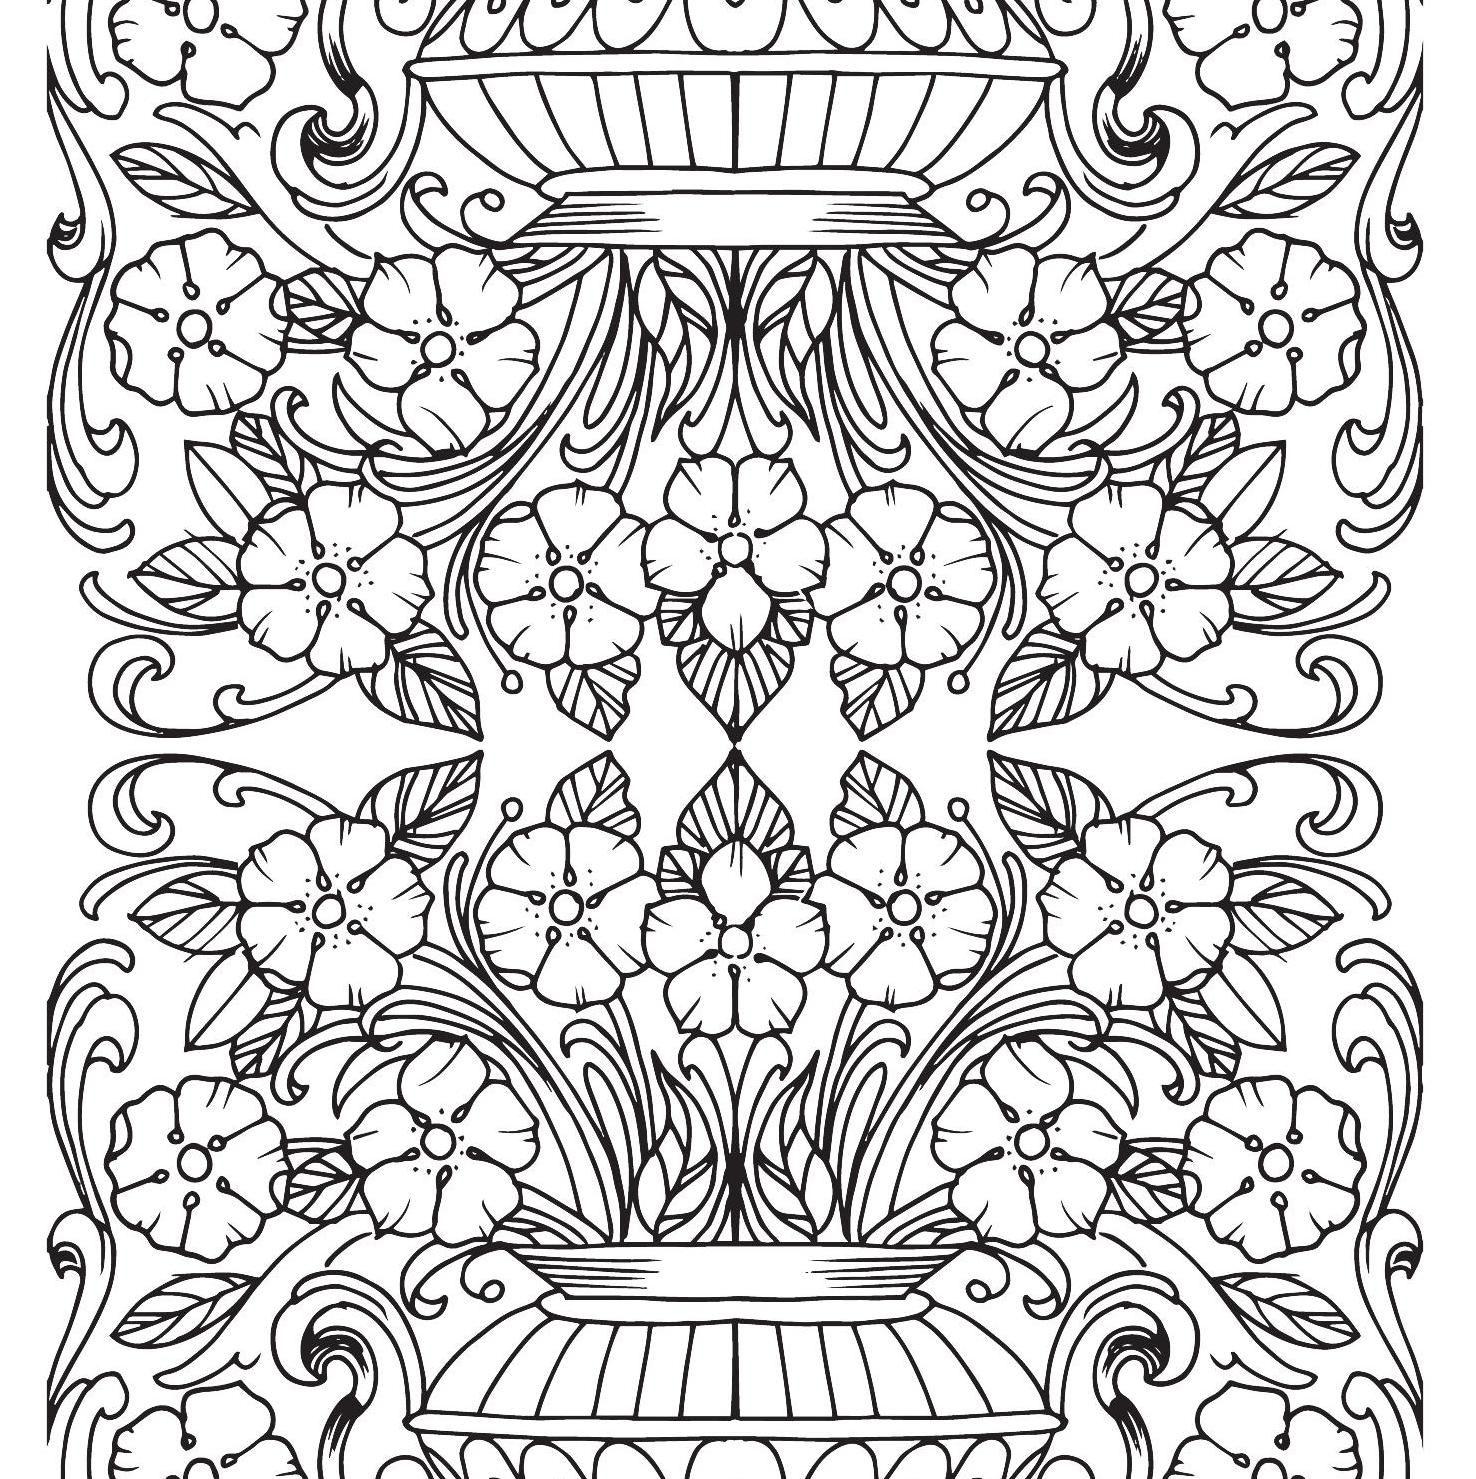 um jardim de cores coloring pages for adults free printables adult coloring pages adult. Black Bedroom Furniture Sets. Home Design Ideas